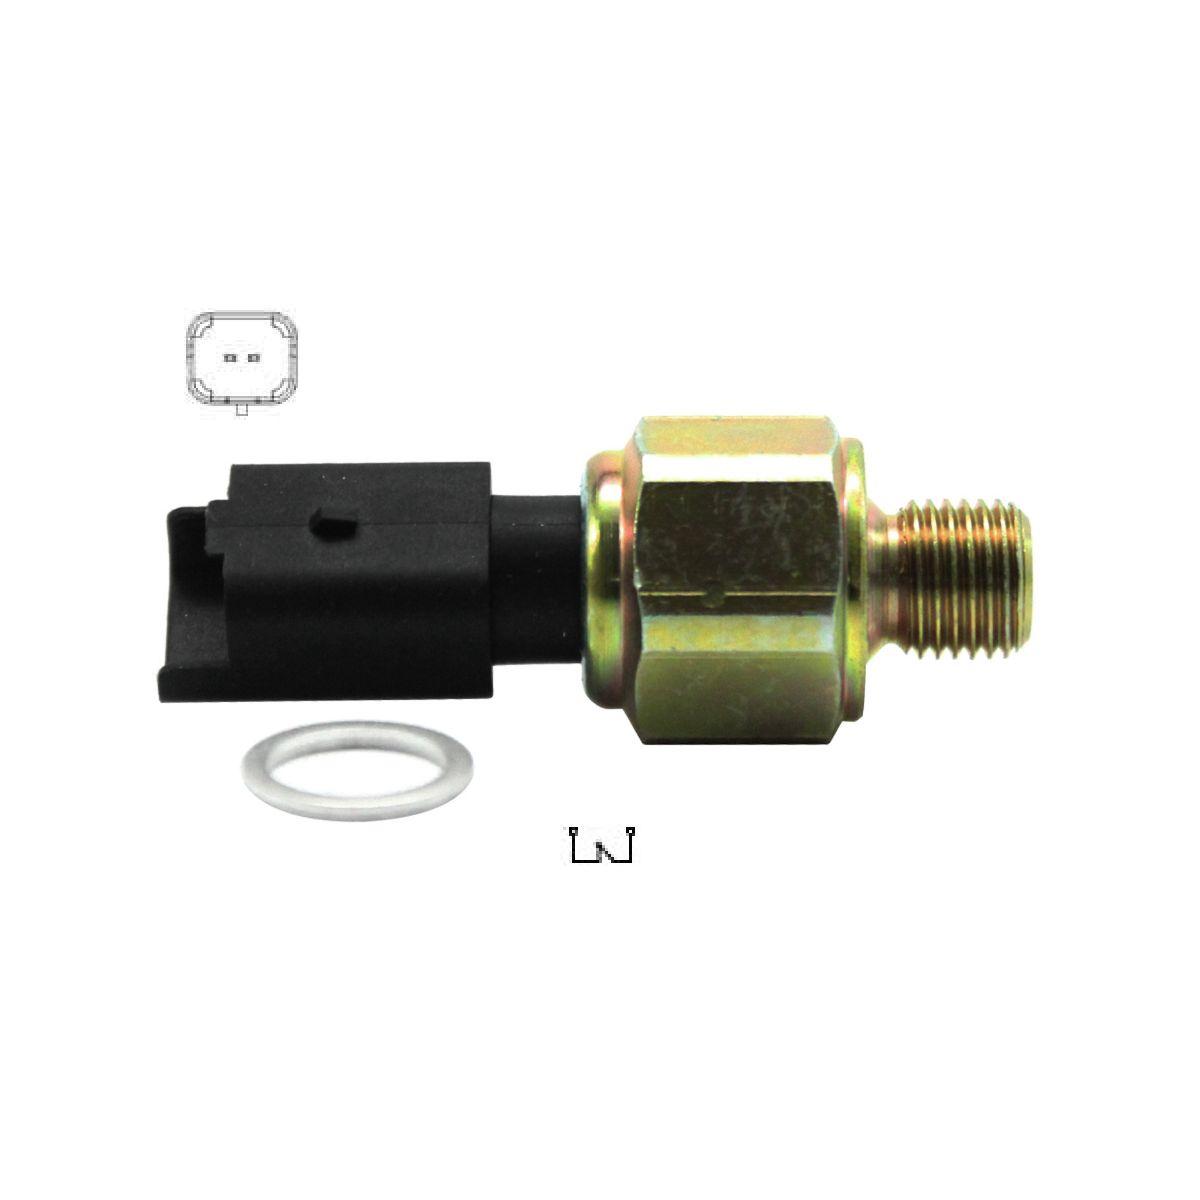 Interruptor De Pressão Da Direção Hidráulica Peugeot 206/207/306/406 - Partner 3-RHO 9906